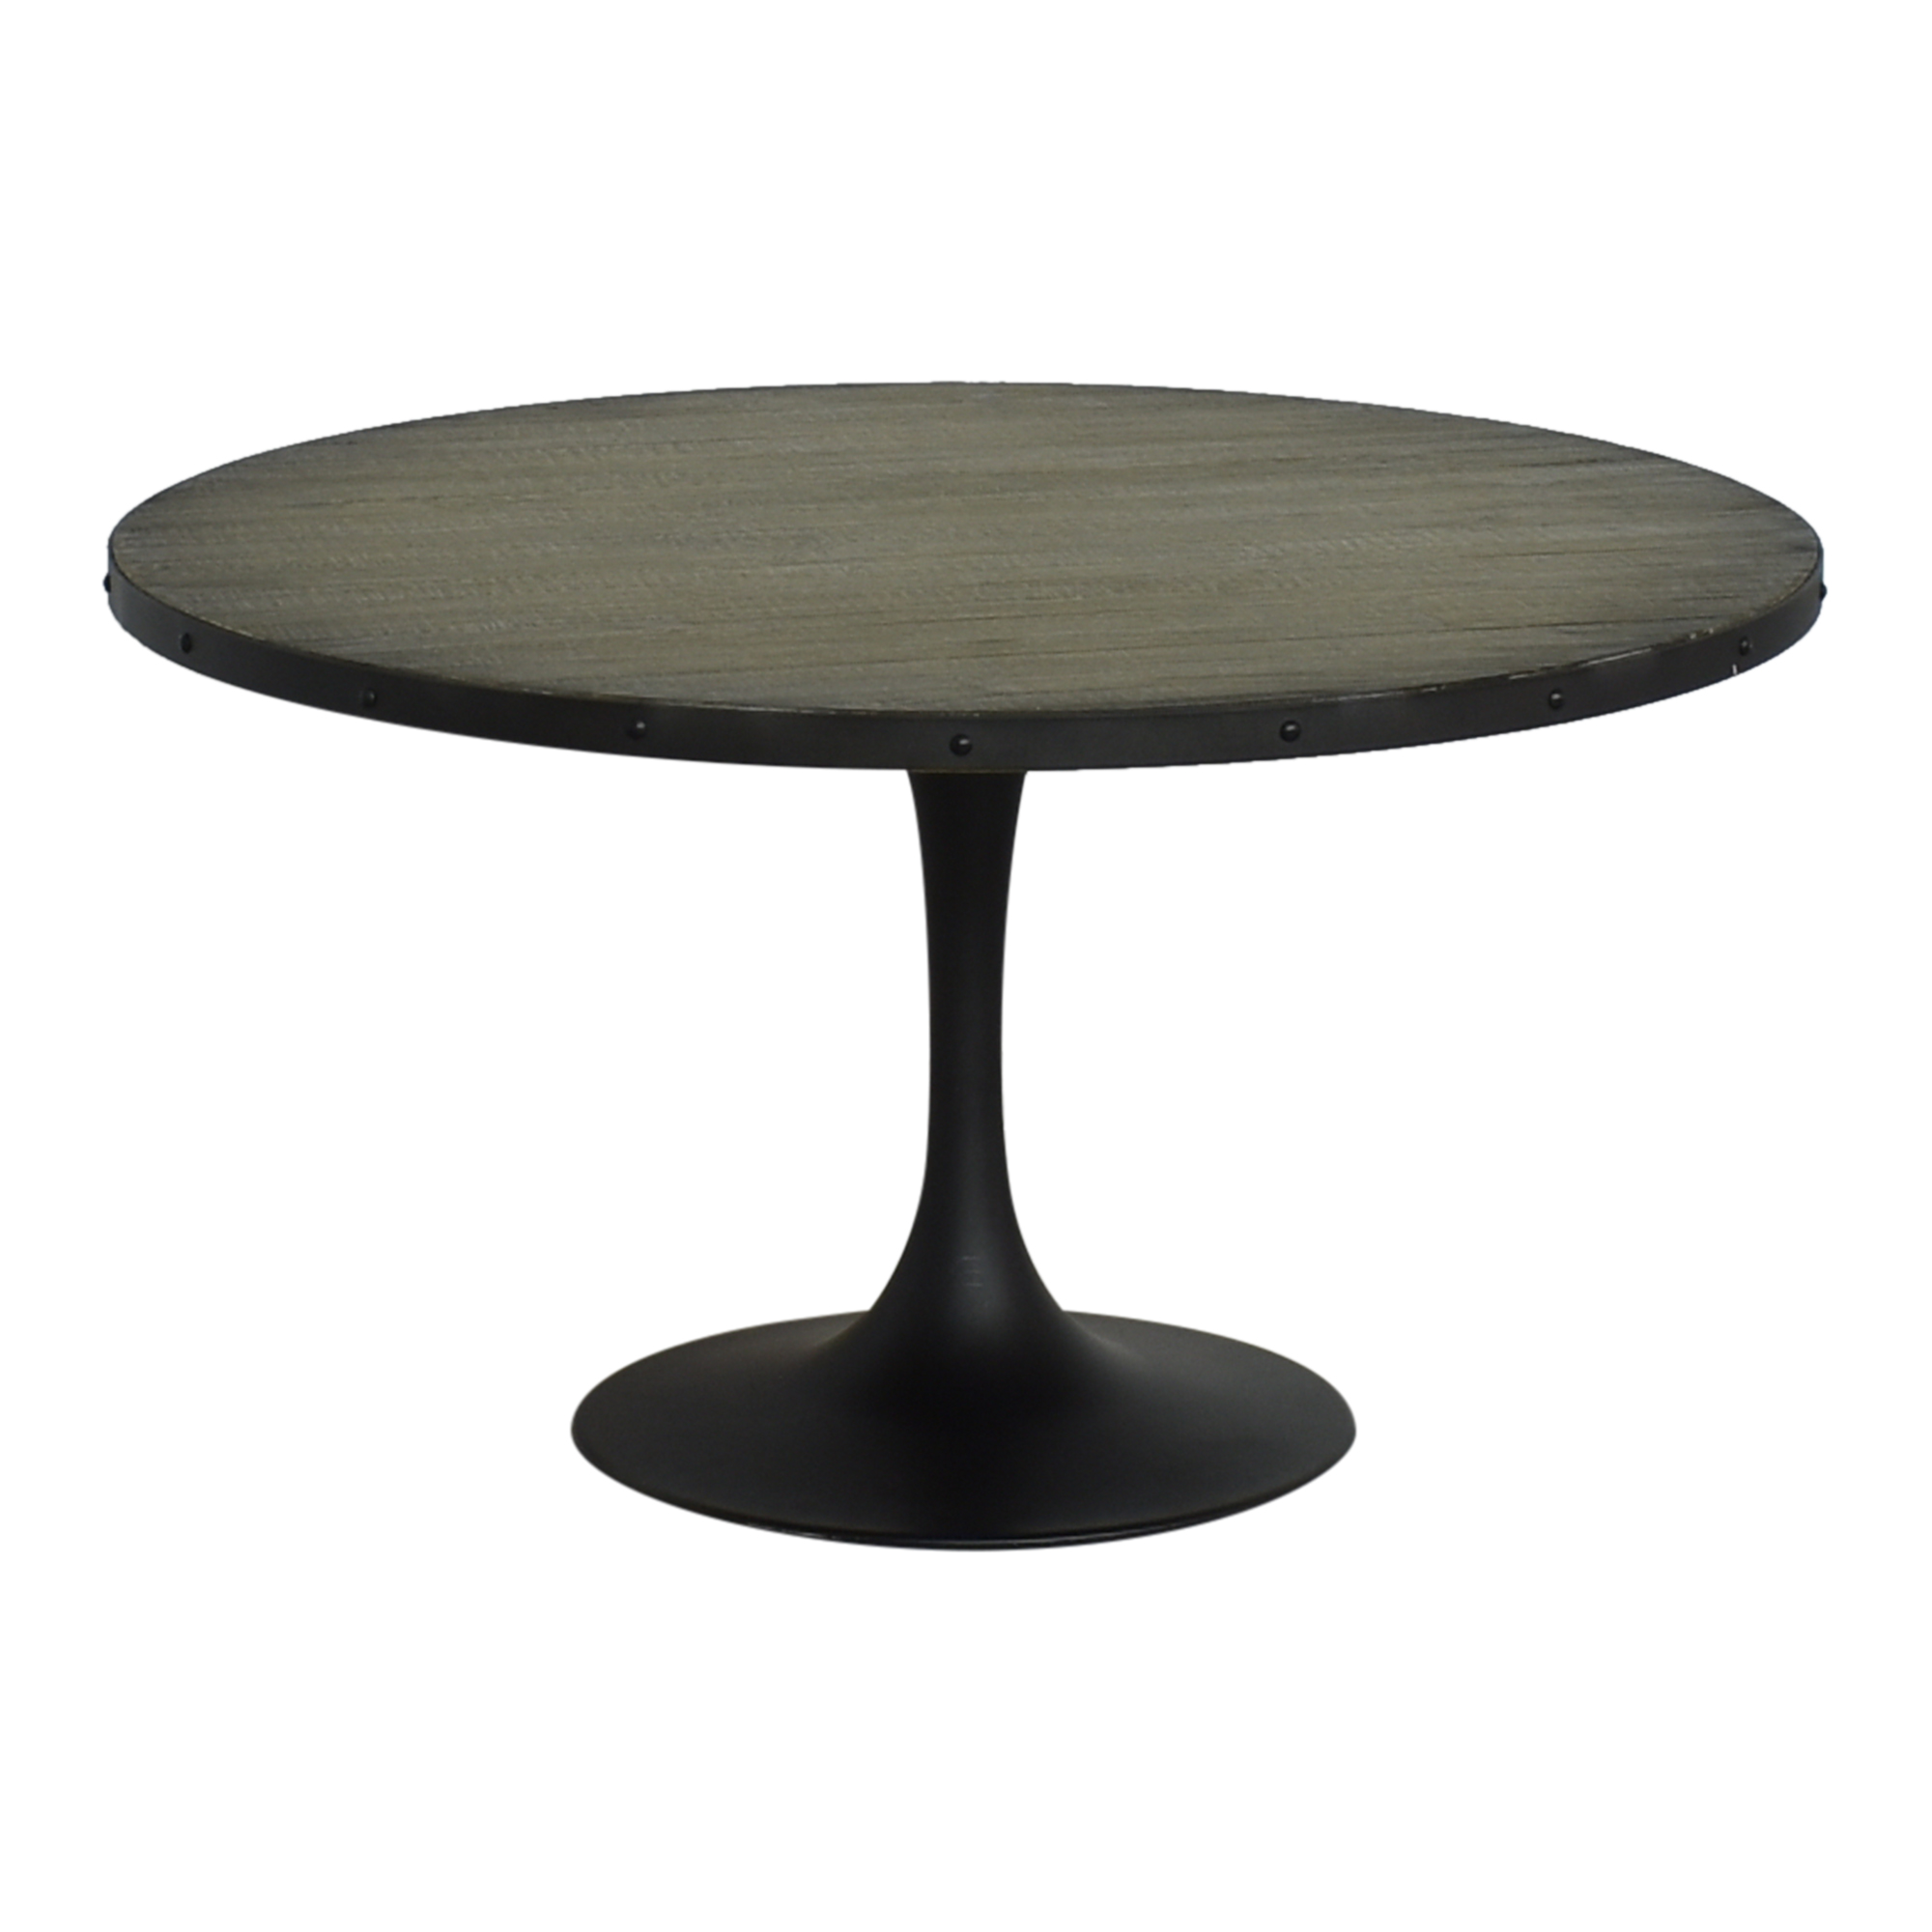 Arhaus Arhaus Kenton Dining Table ct